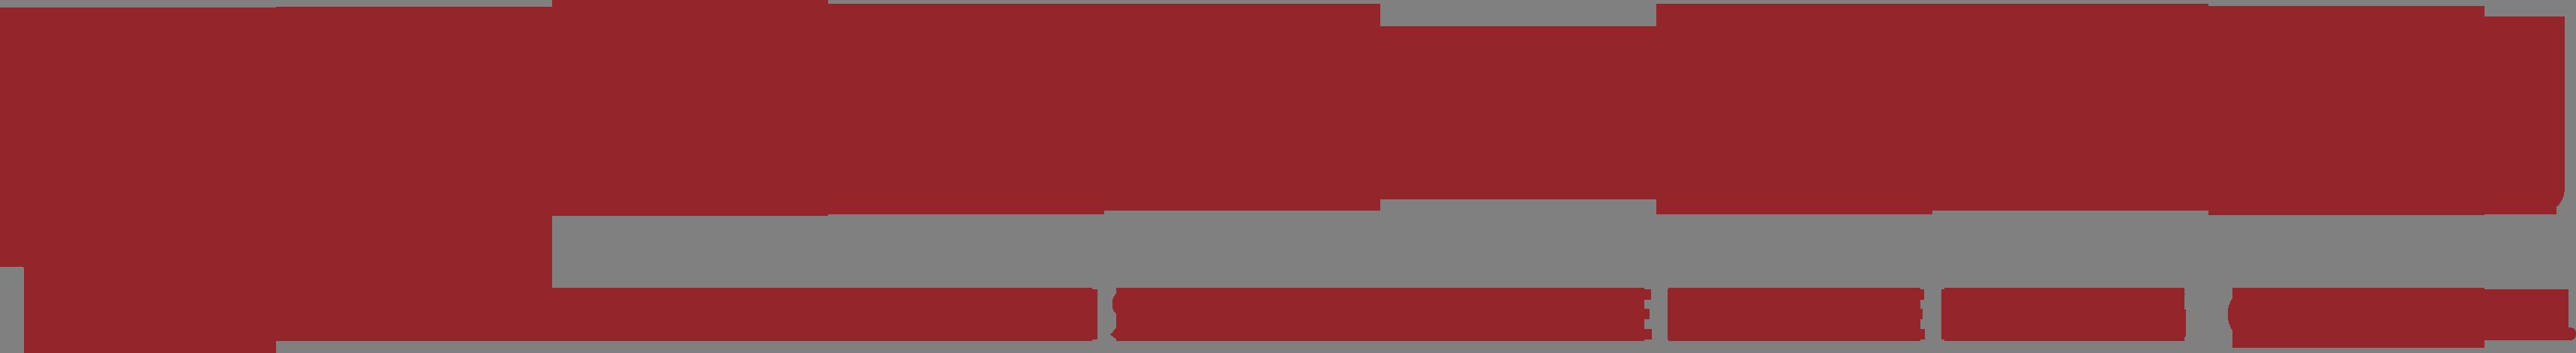 住宅小区-北京建工二建公司